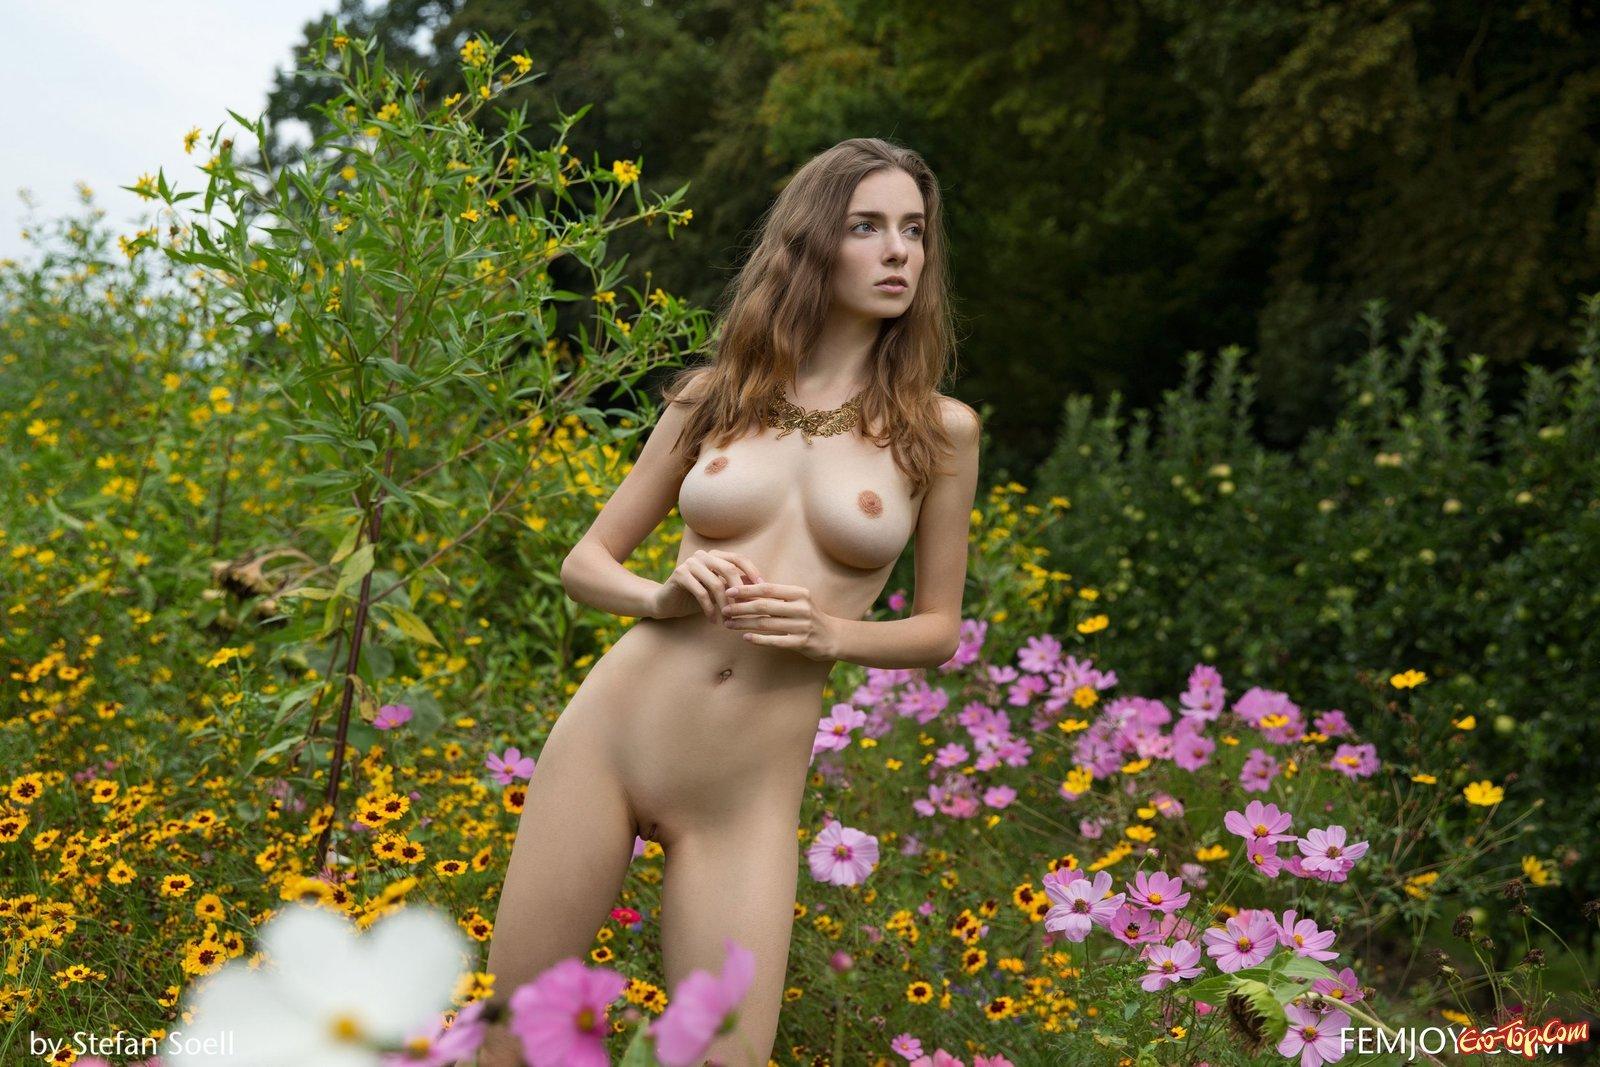 Раздетая красотка показала сиськи среди цветов